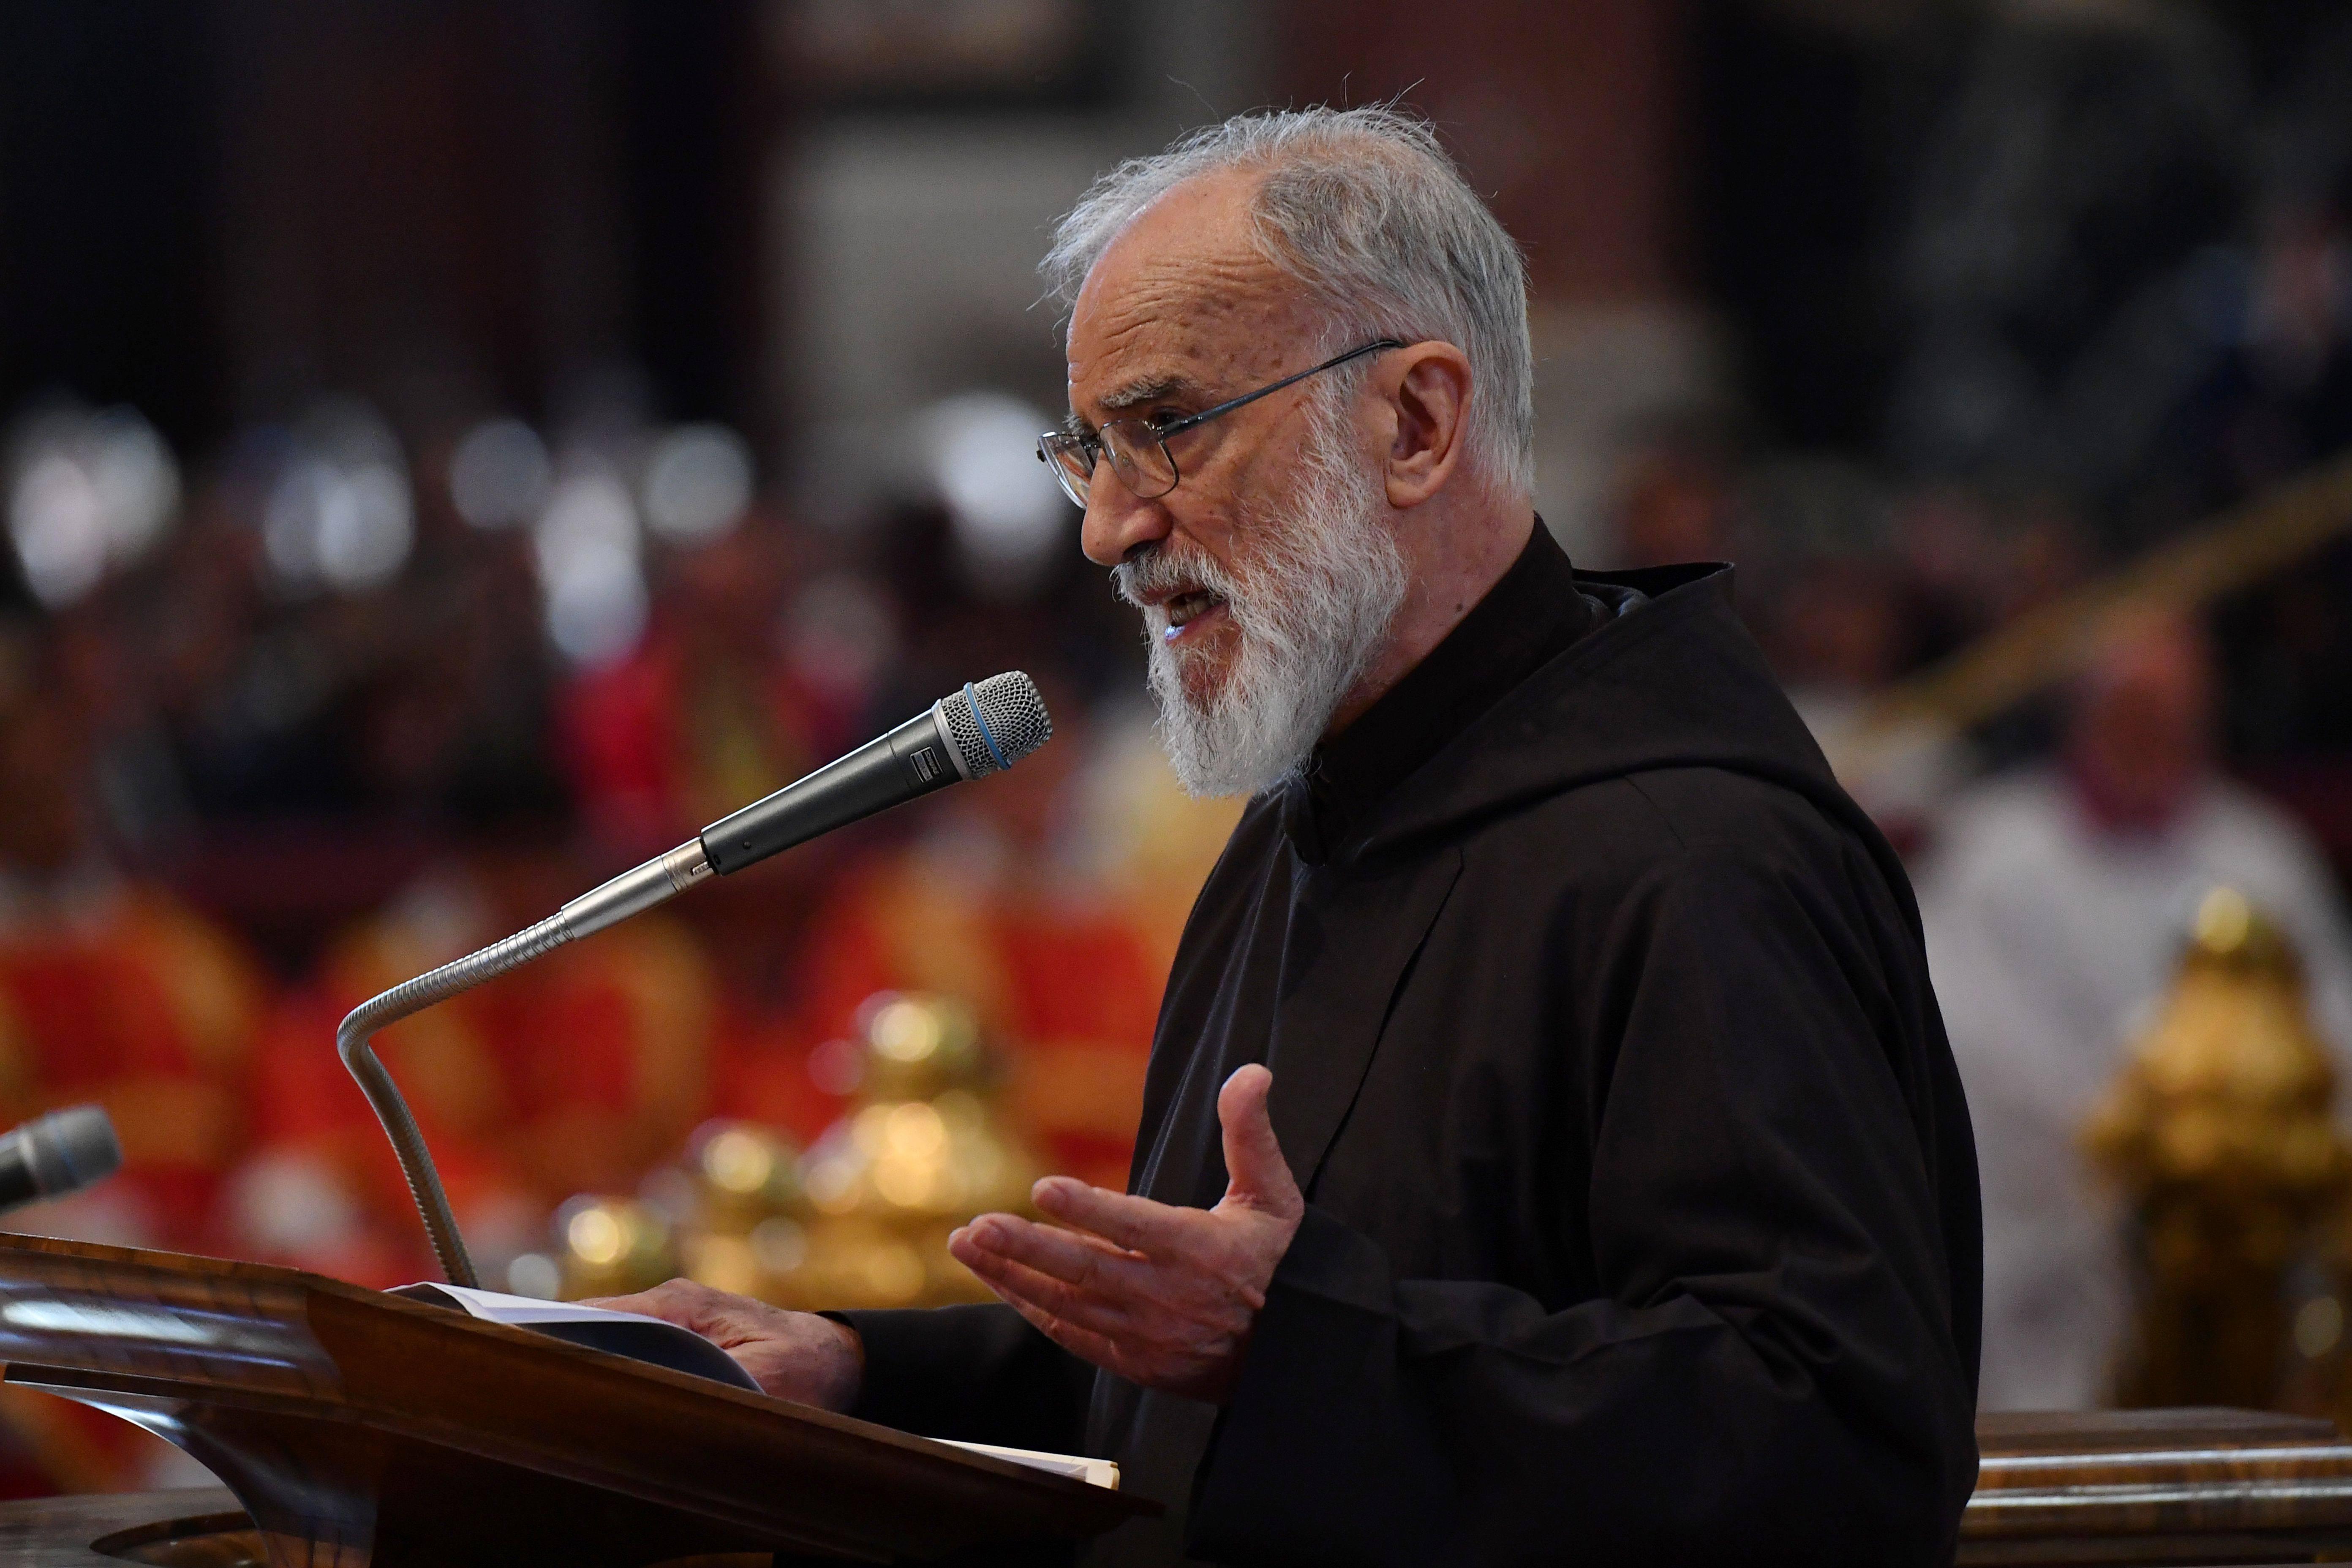 Padre cantalamessa spiega il significato della conversione - Cosa si intende per prima casa ...